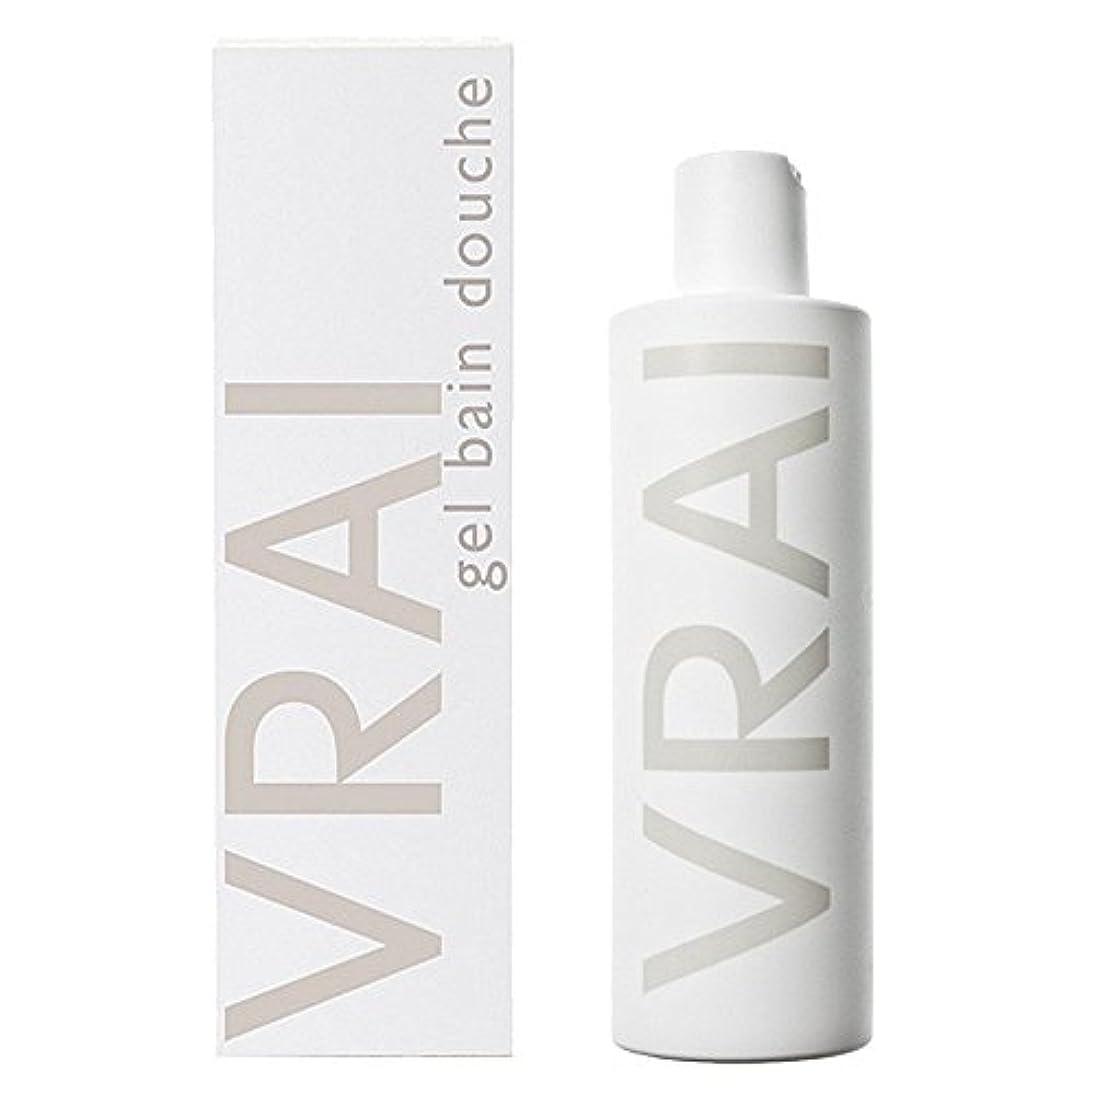 キャラクター寸前気づかないFragonard VRAI (フラゴナール ブライ) 8.3 oz (250ml) Bath & Shower Gel